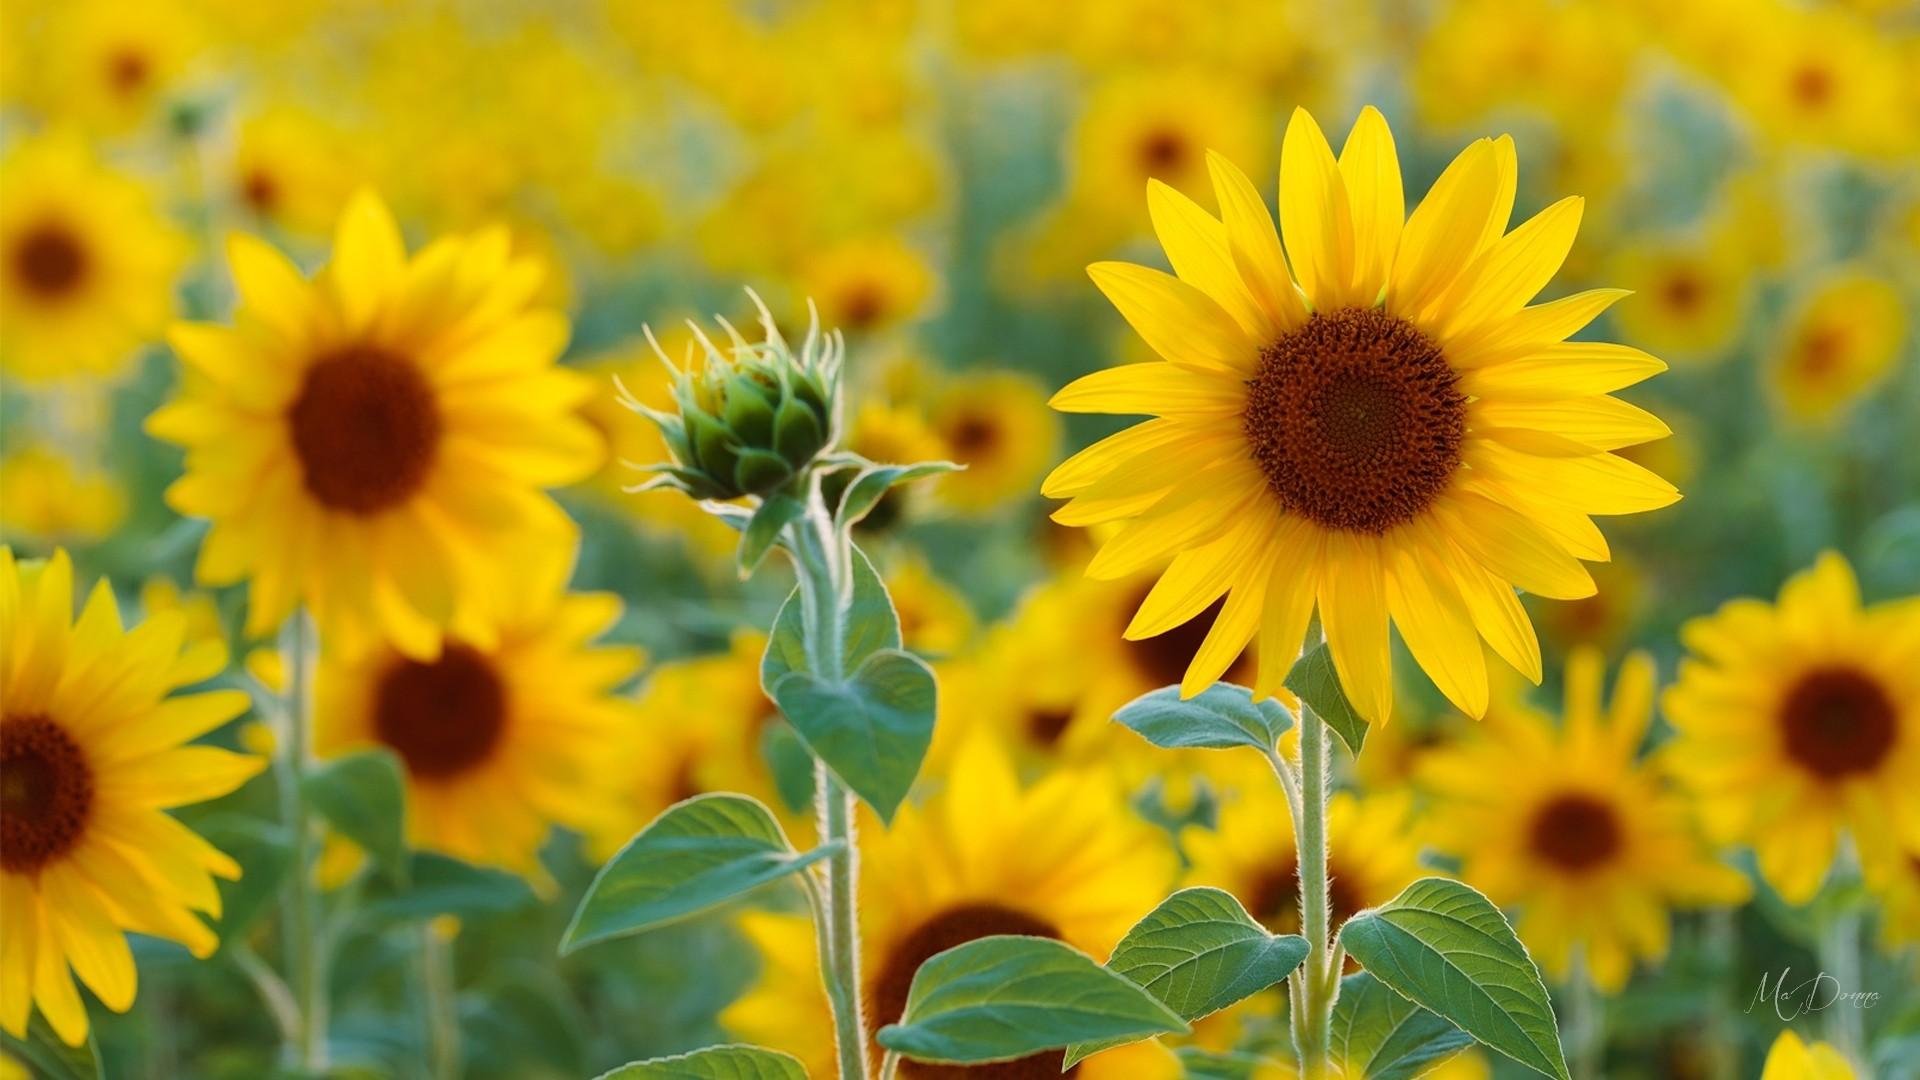 Flowers: Sunflower Field Flowers Autumn Summer Sunflowers Fall Sunny ...